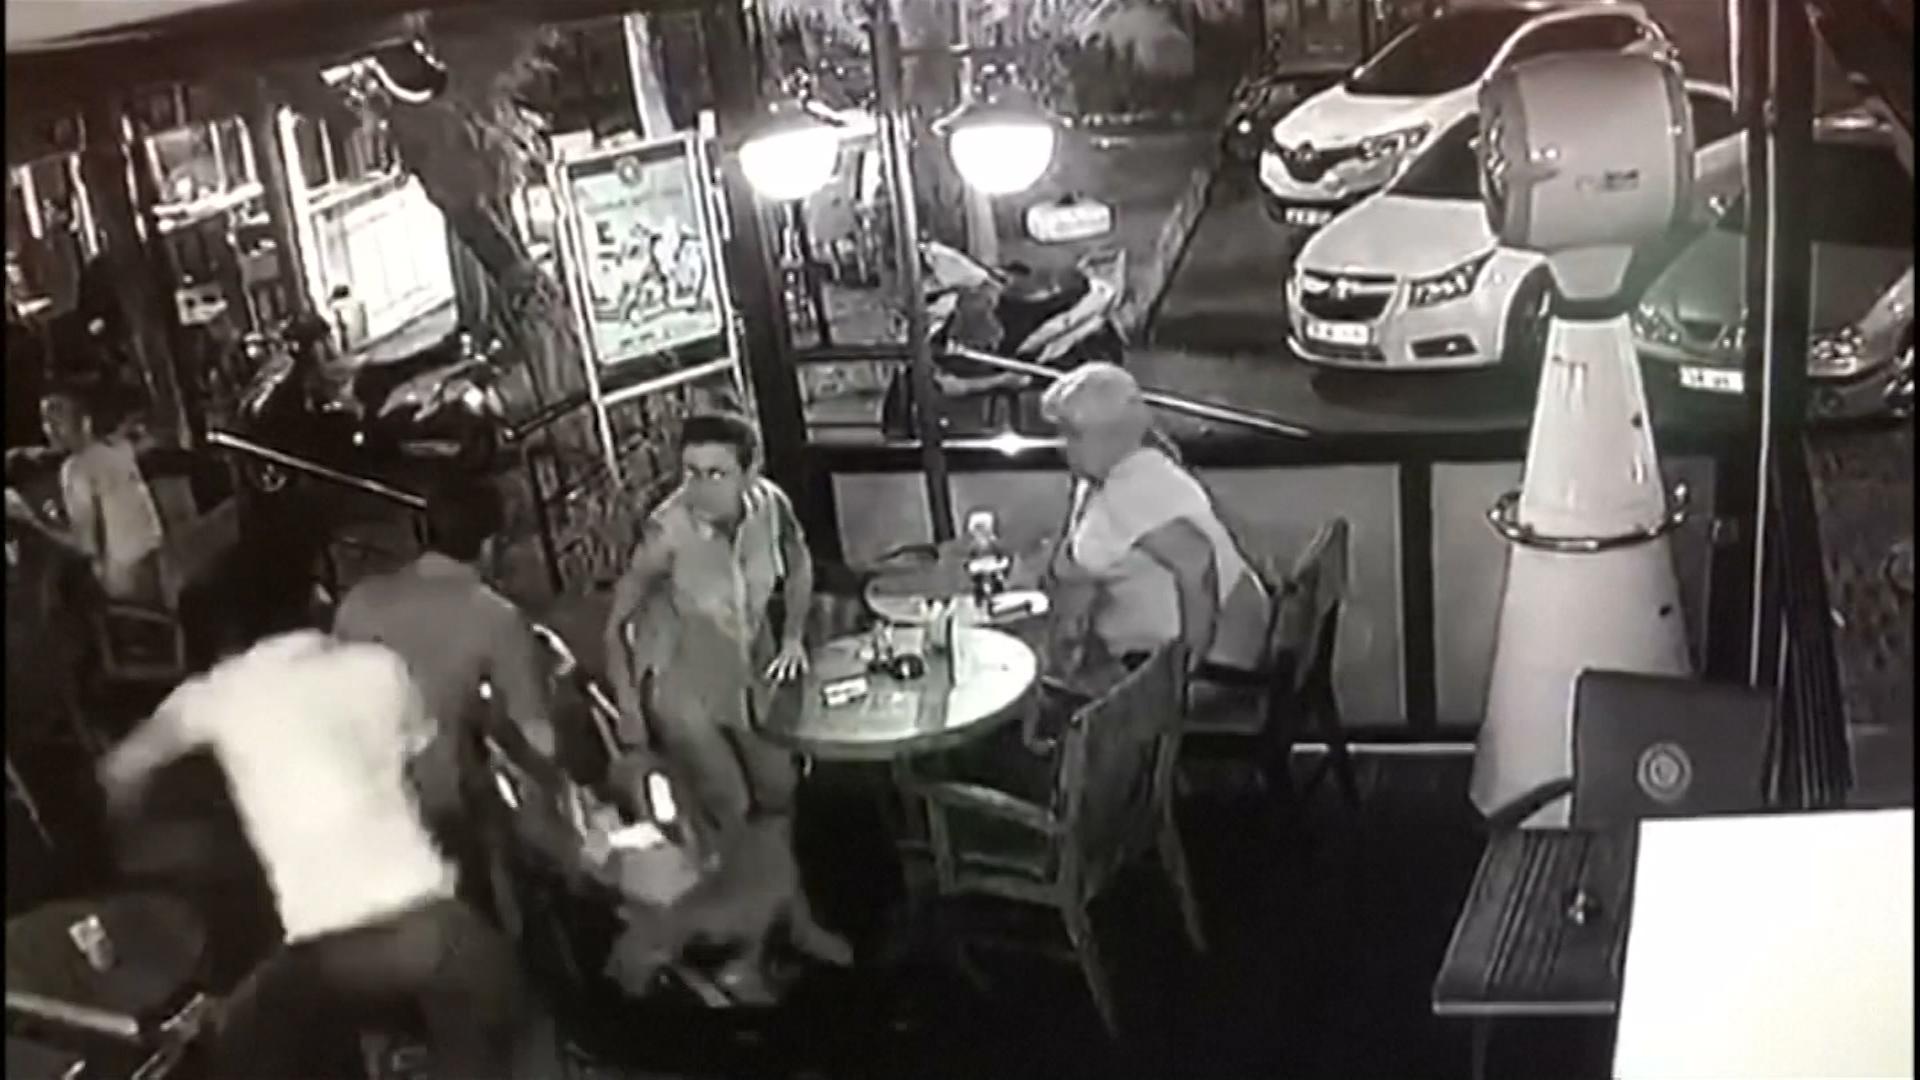 cctv in café shows moment earthquake hit - cnn video